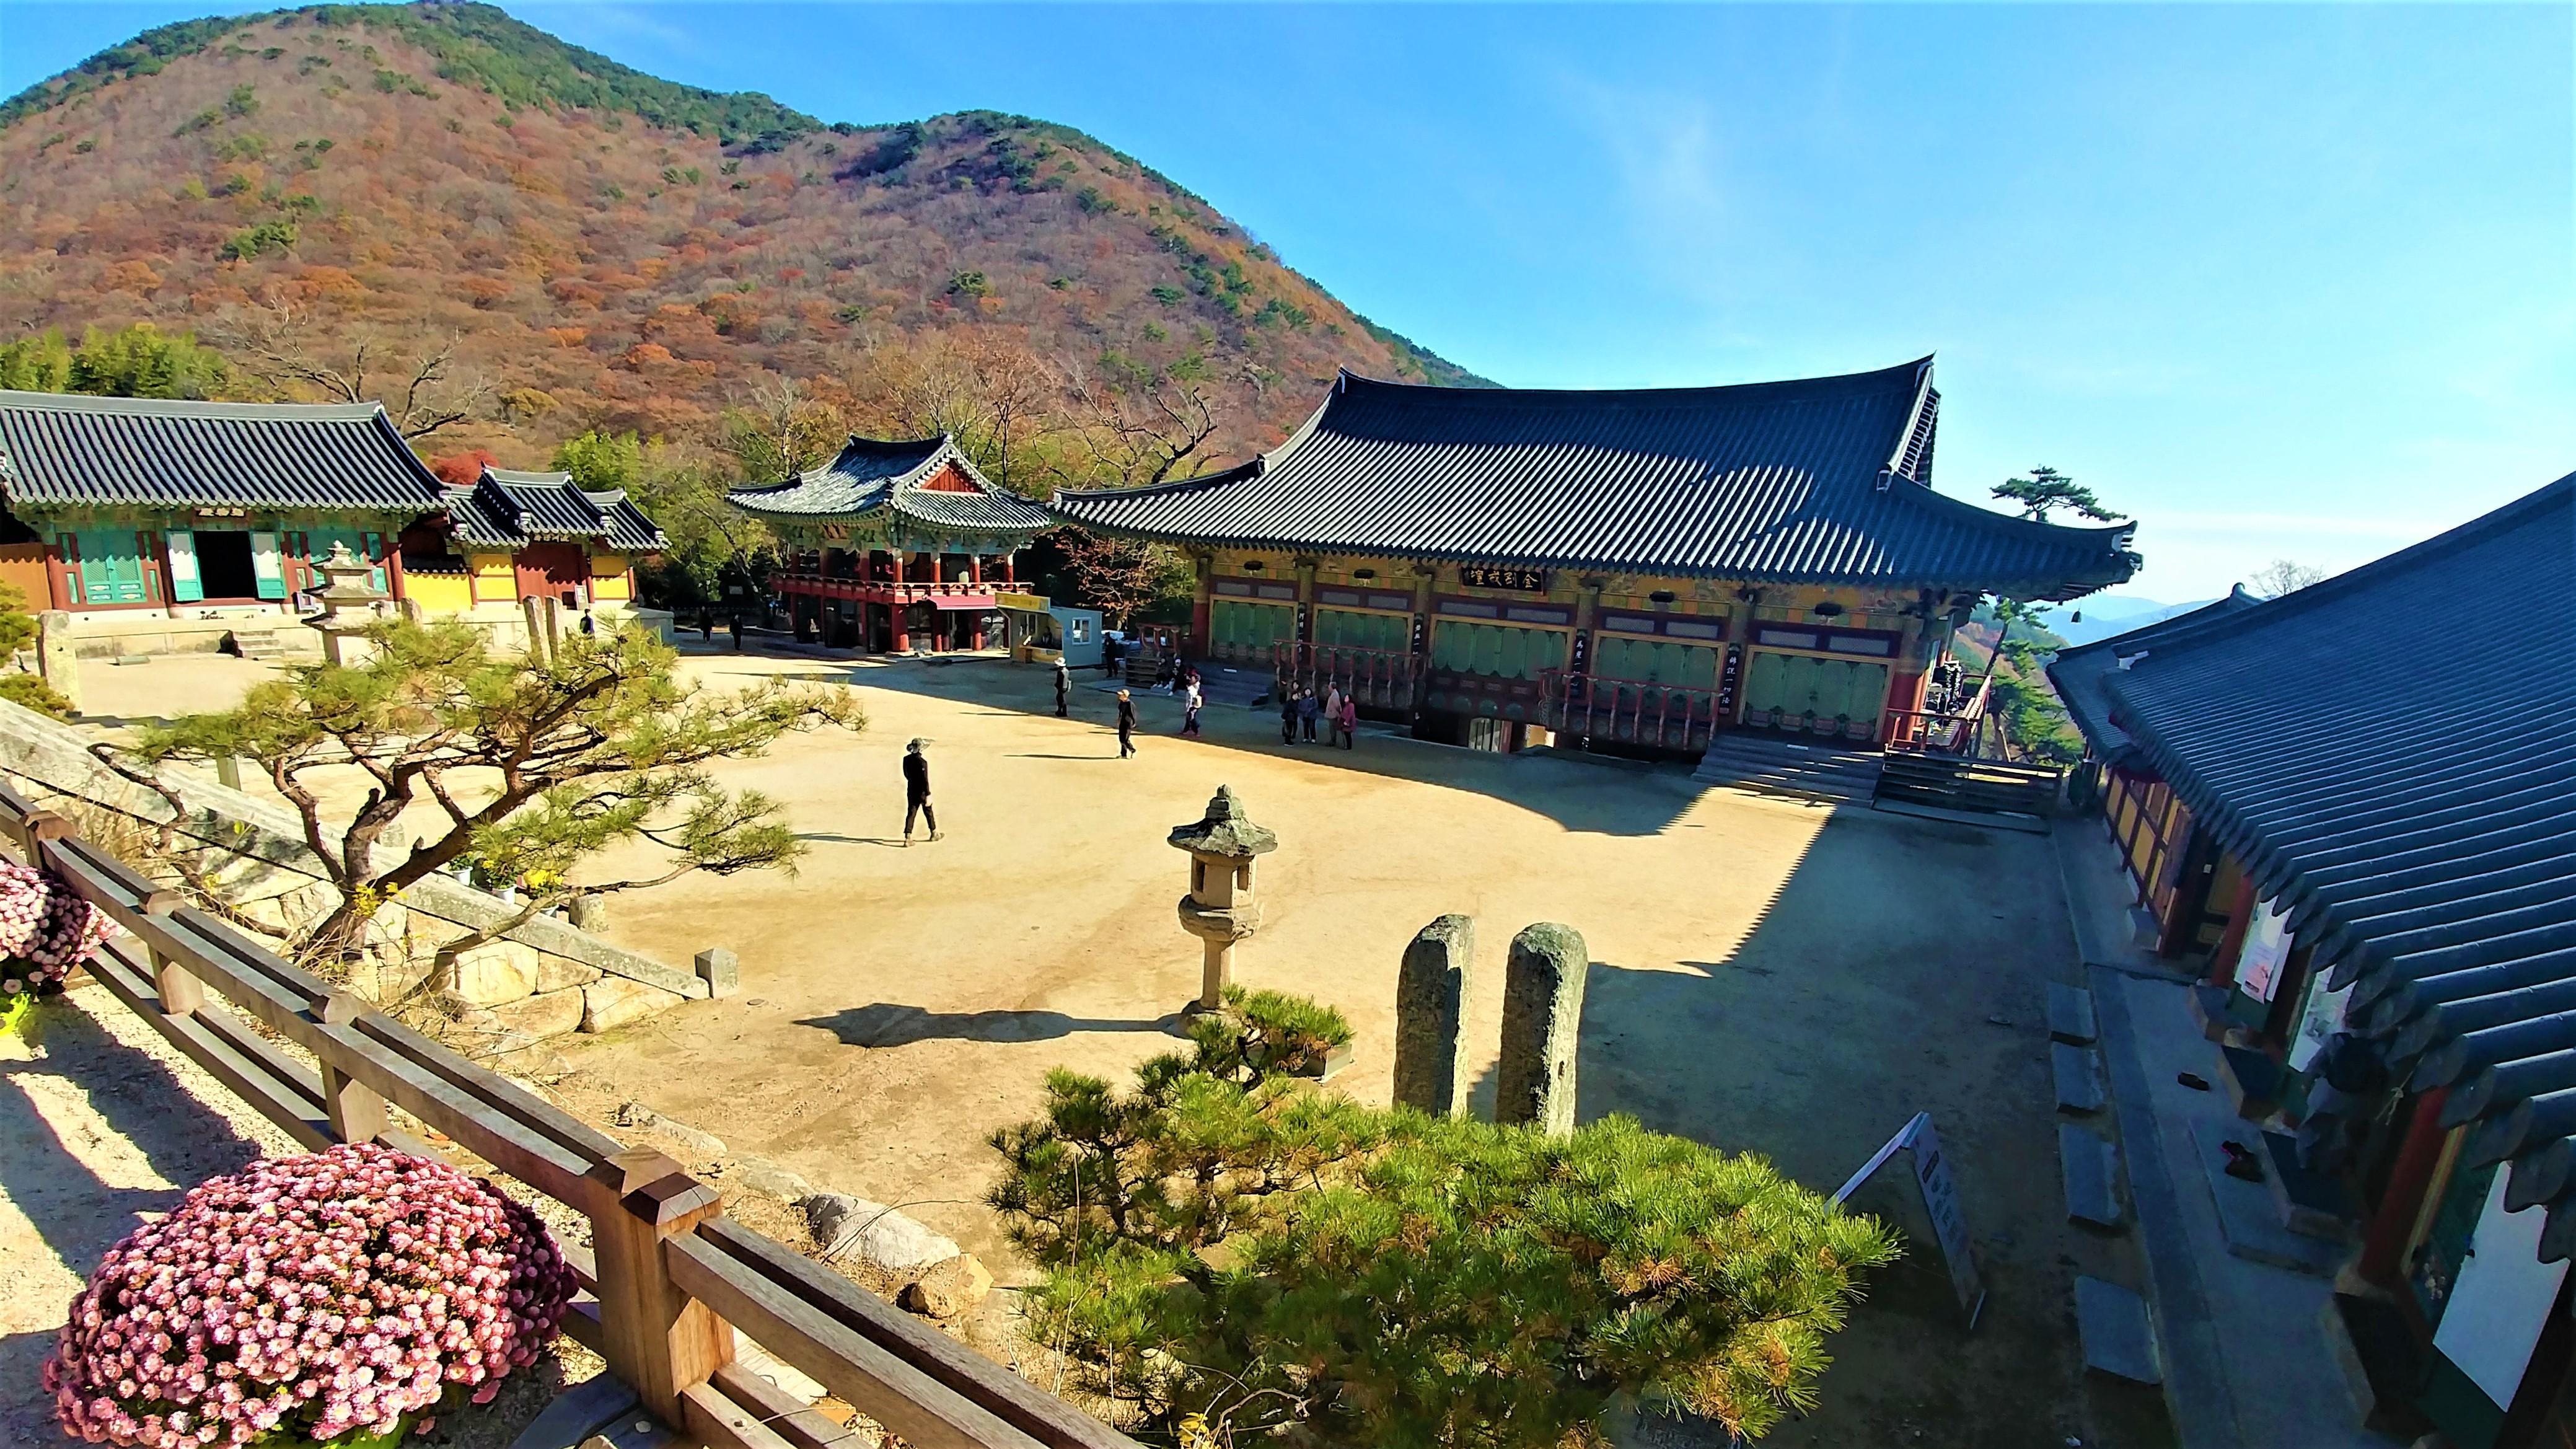 Busan temple beomeosa visite templestay que voir bouddhisme coree du sud blog voyage arpenter le chemin